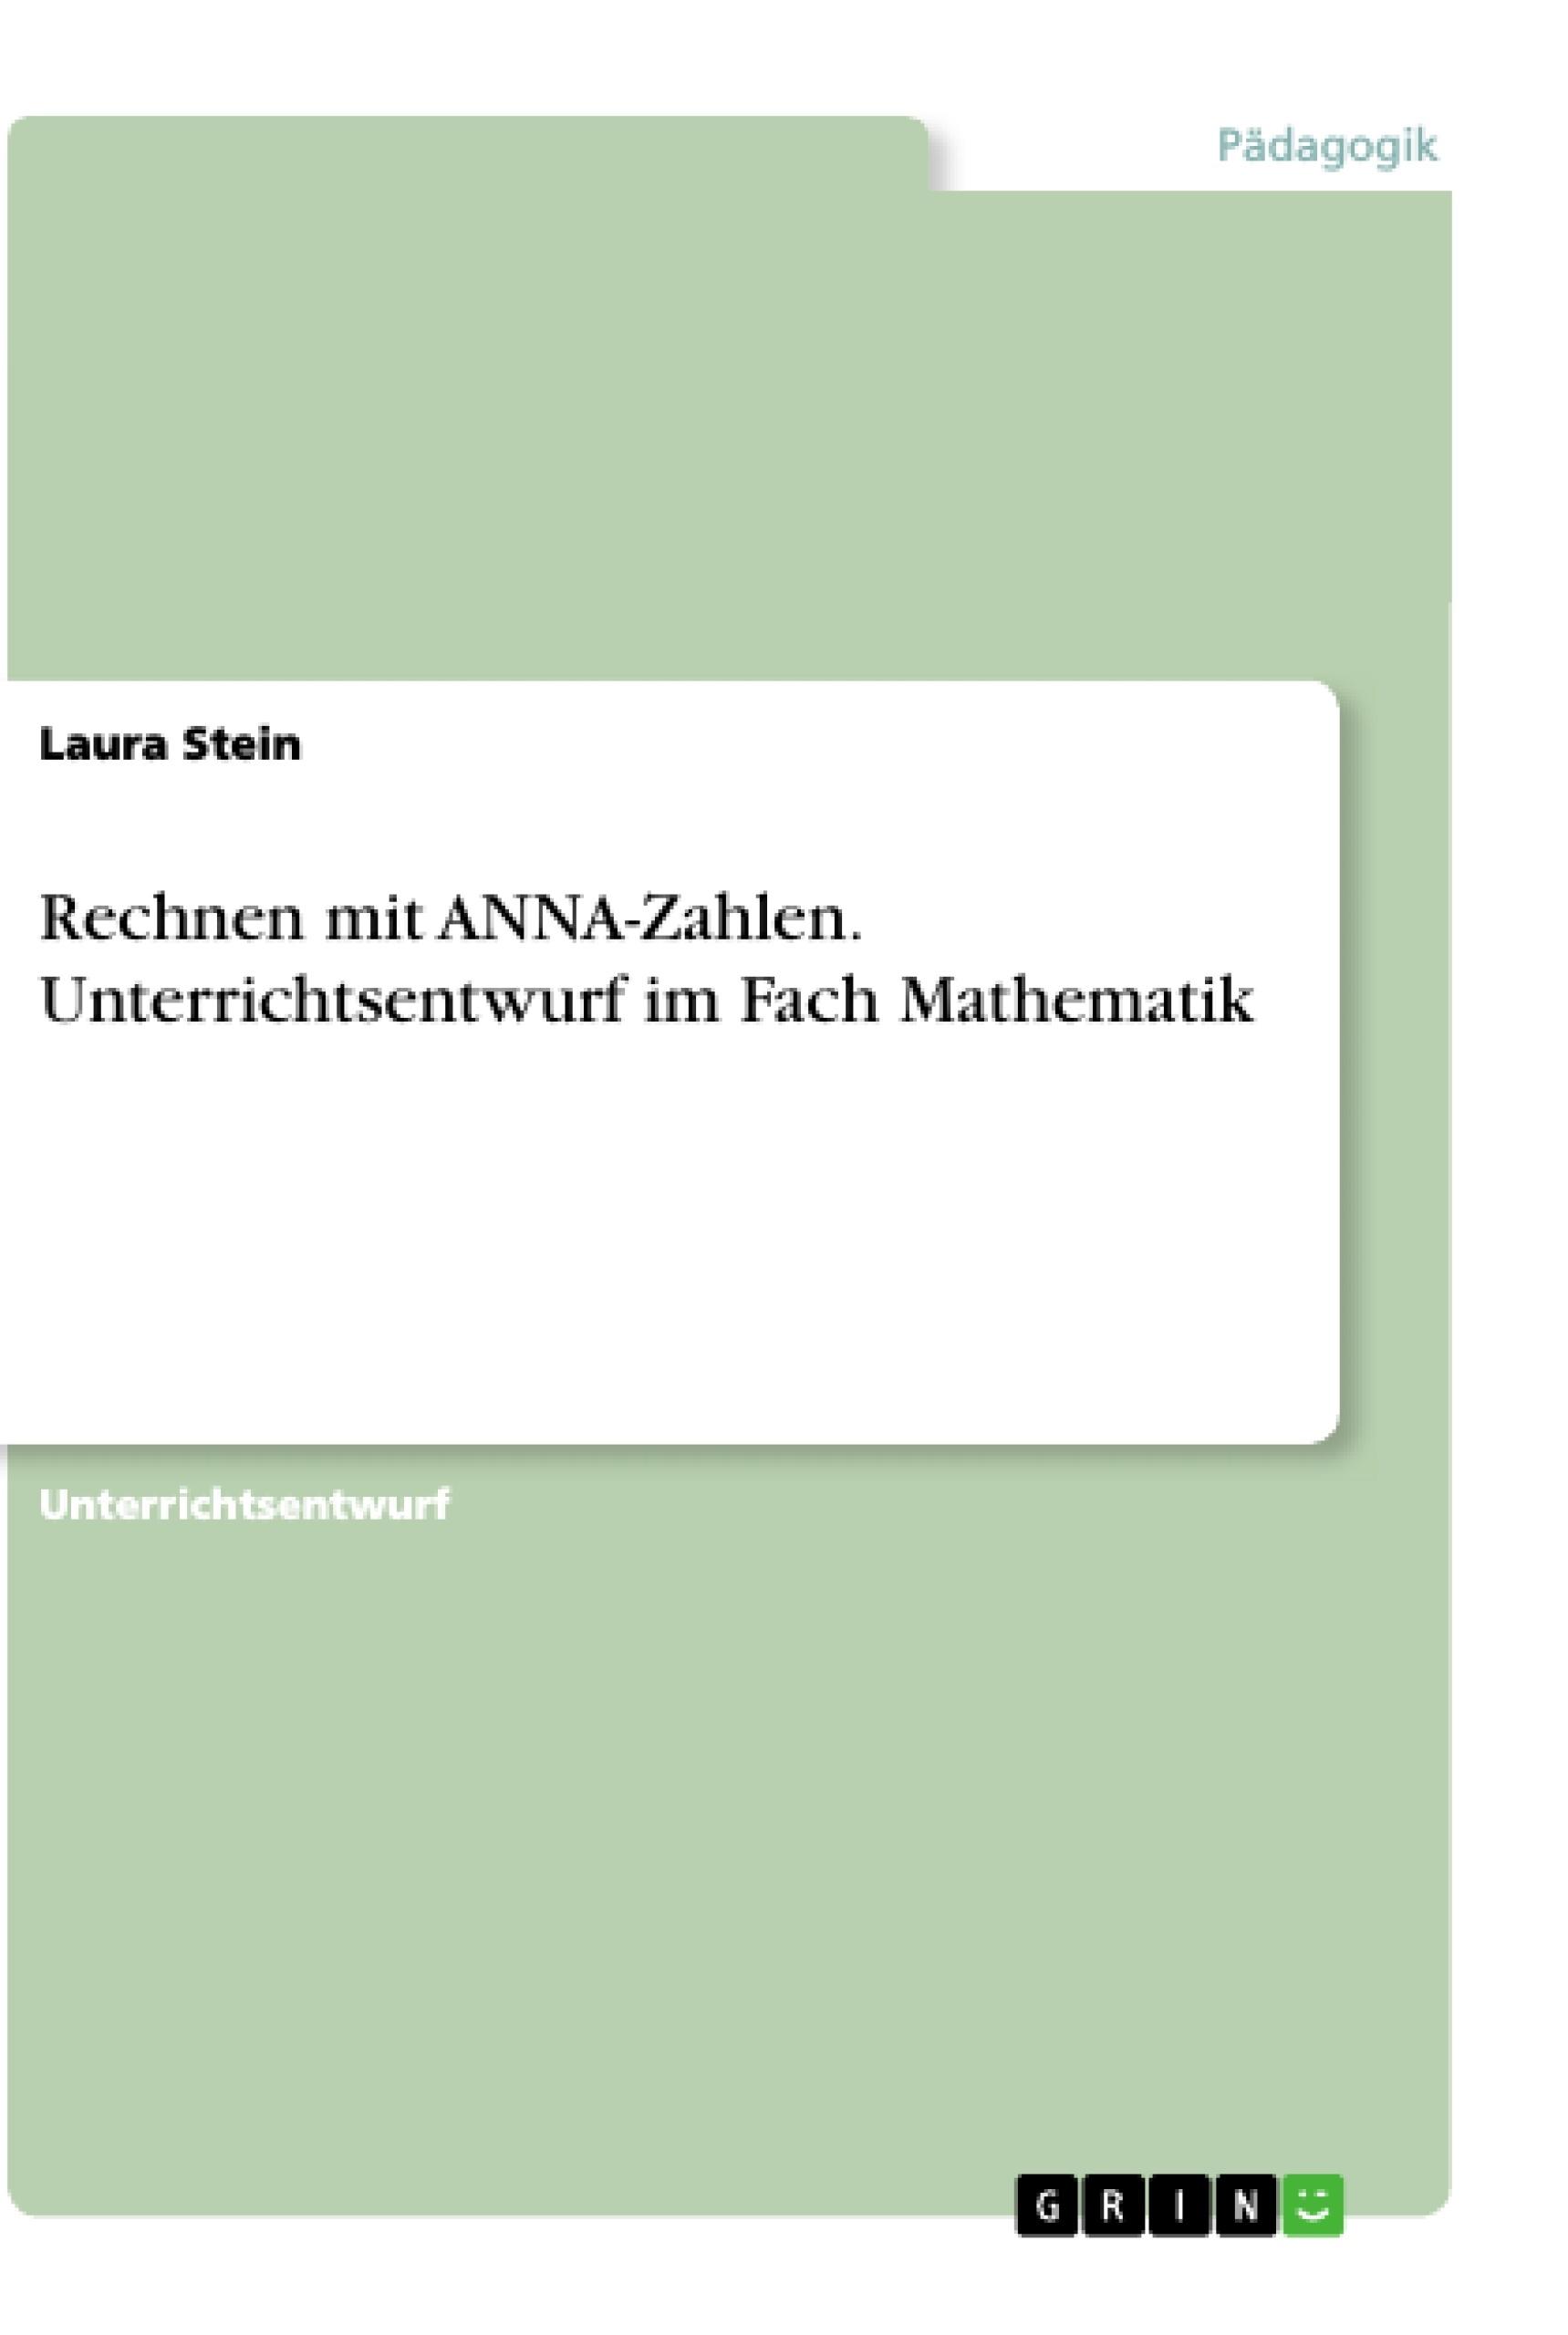 Titel: Rechnen mit ANNA-Zahlen. Unterrichtsentwurf im Fach Mathematik